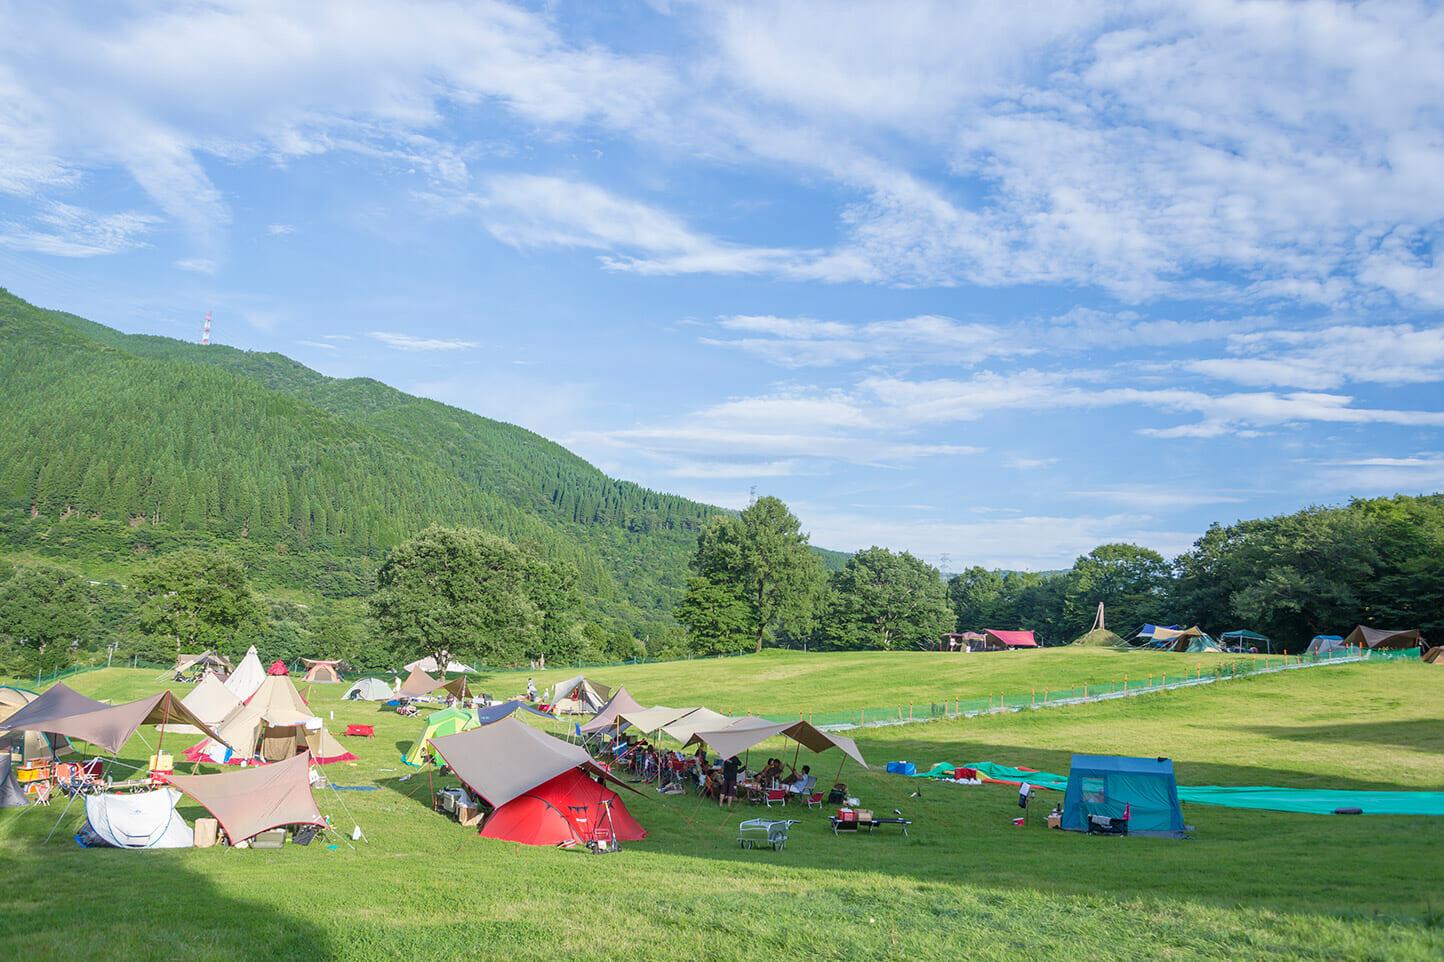 めいほう高原キャンプフィールド スライダー画像1